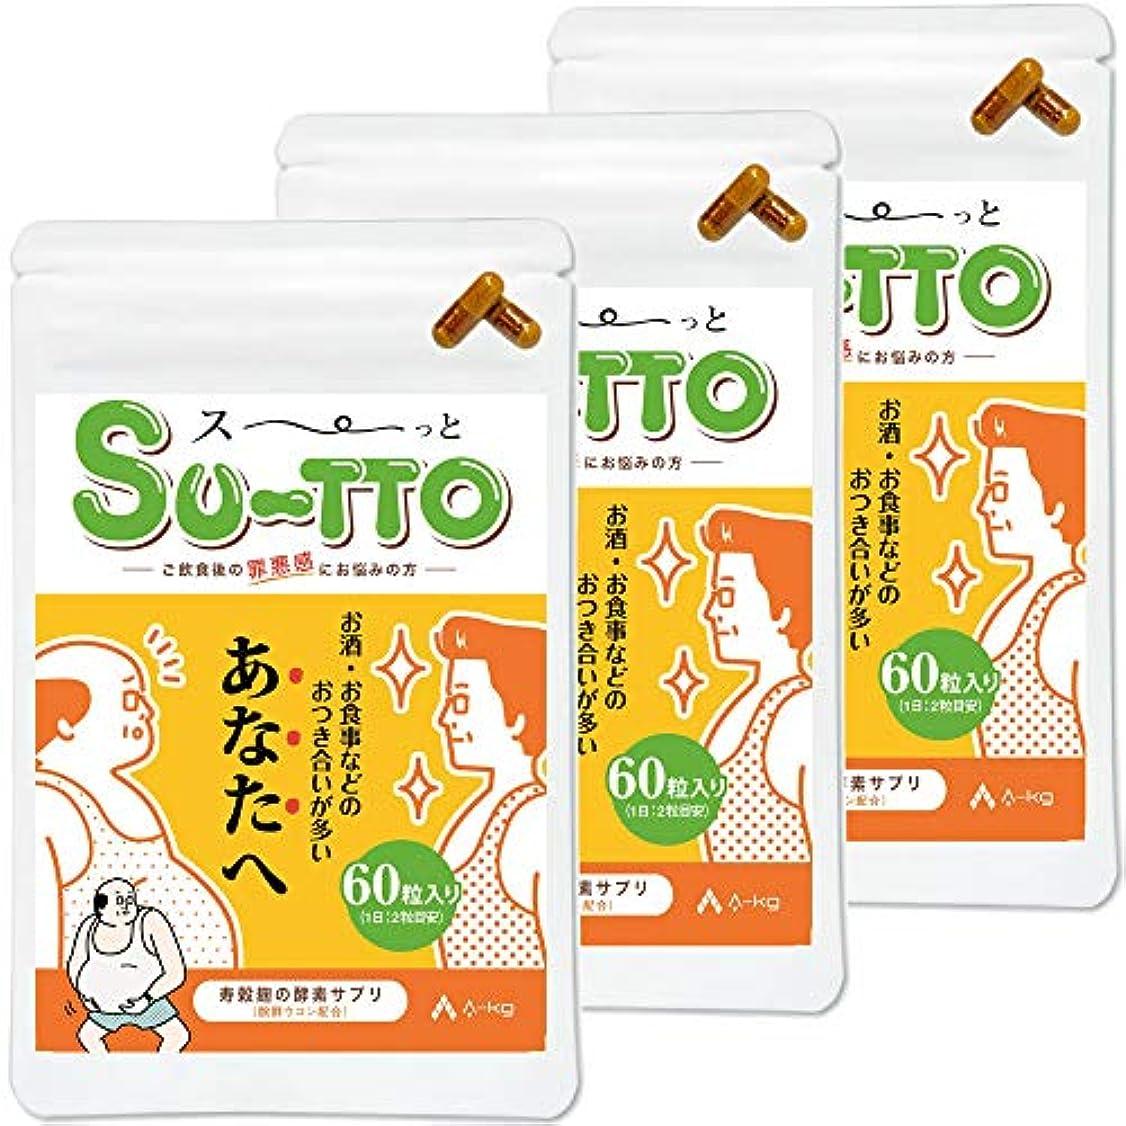 A-KG SU-TTO 寿穀麹 酵素サプリ 酵素 サプリ 麹 こうじ ダイエット サプリメント こうじ酵素 3個セット(180粒:約3ヶ月分)